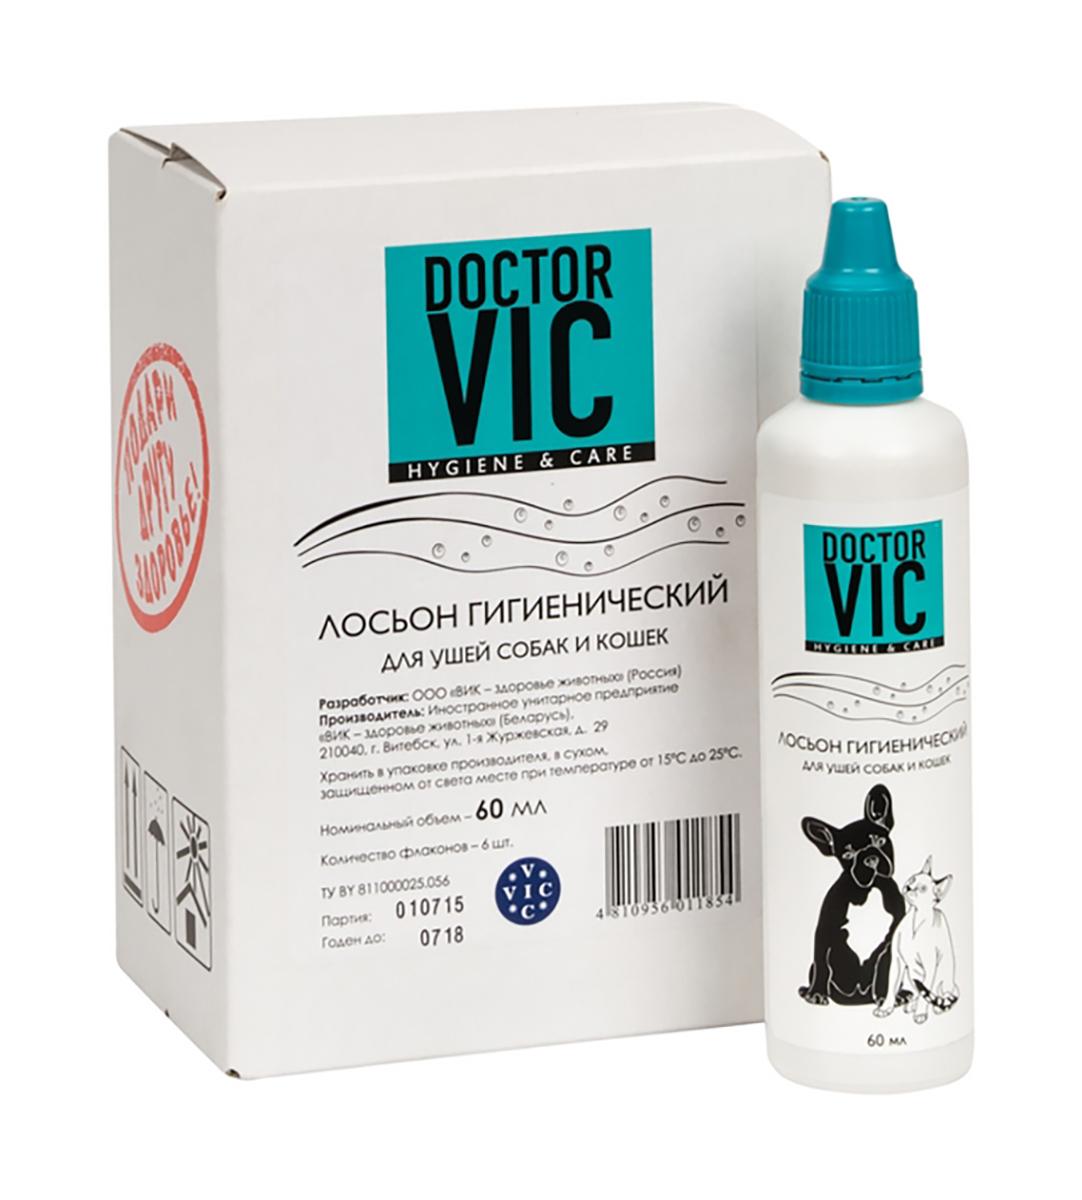 Лосьон гигиенический Doctor Vic, для ушей собак и кошек, 60 мл шорты nike шорты psg y nk brt stad short ha